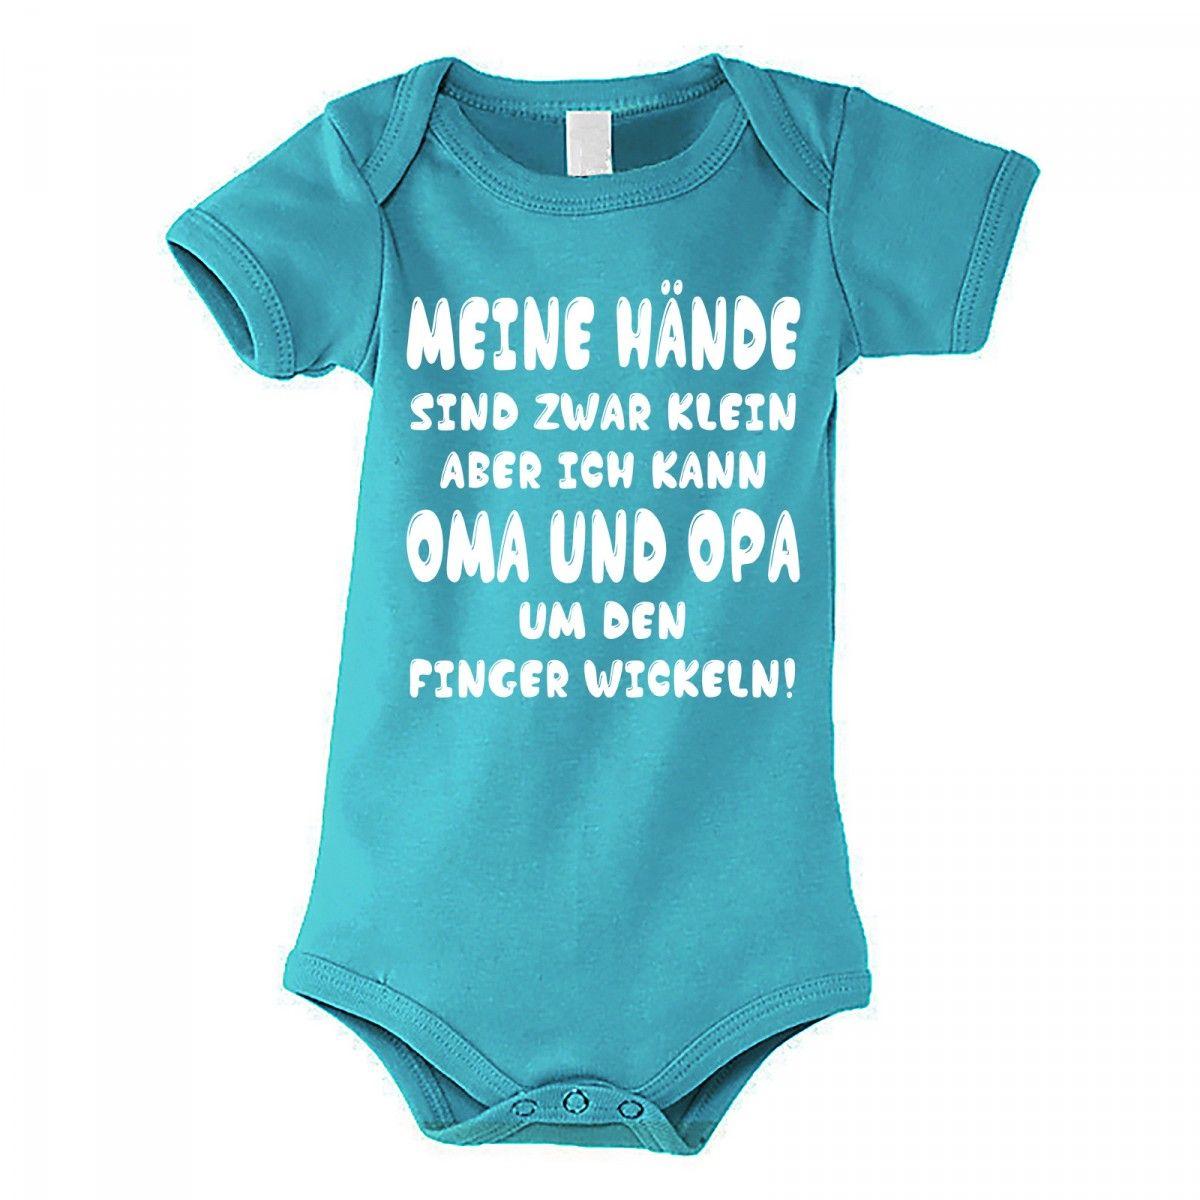 Kinder Babybody Modell Meine Hände Sind Zwar Klein Aber Ich Kann Oma Und Opa Um Den Finger Wickeln Farbe G Oma Und Opa Baby Body Sprüche Baby Einteiler